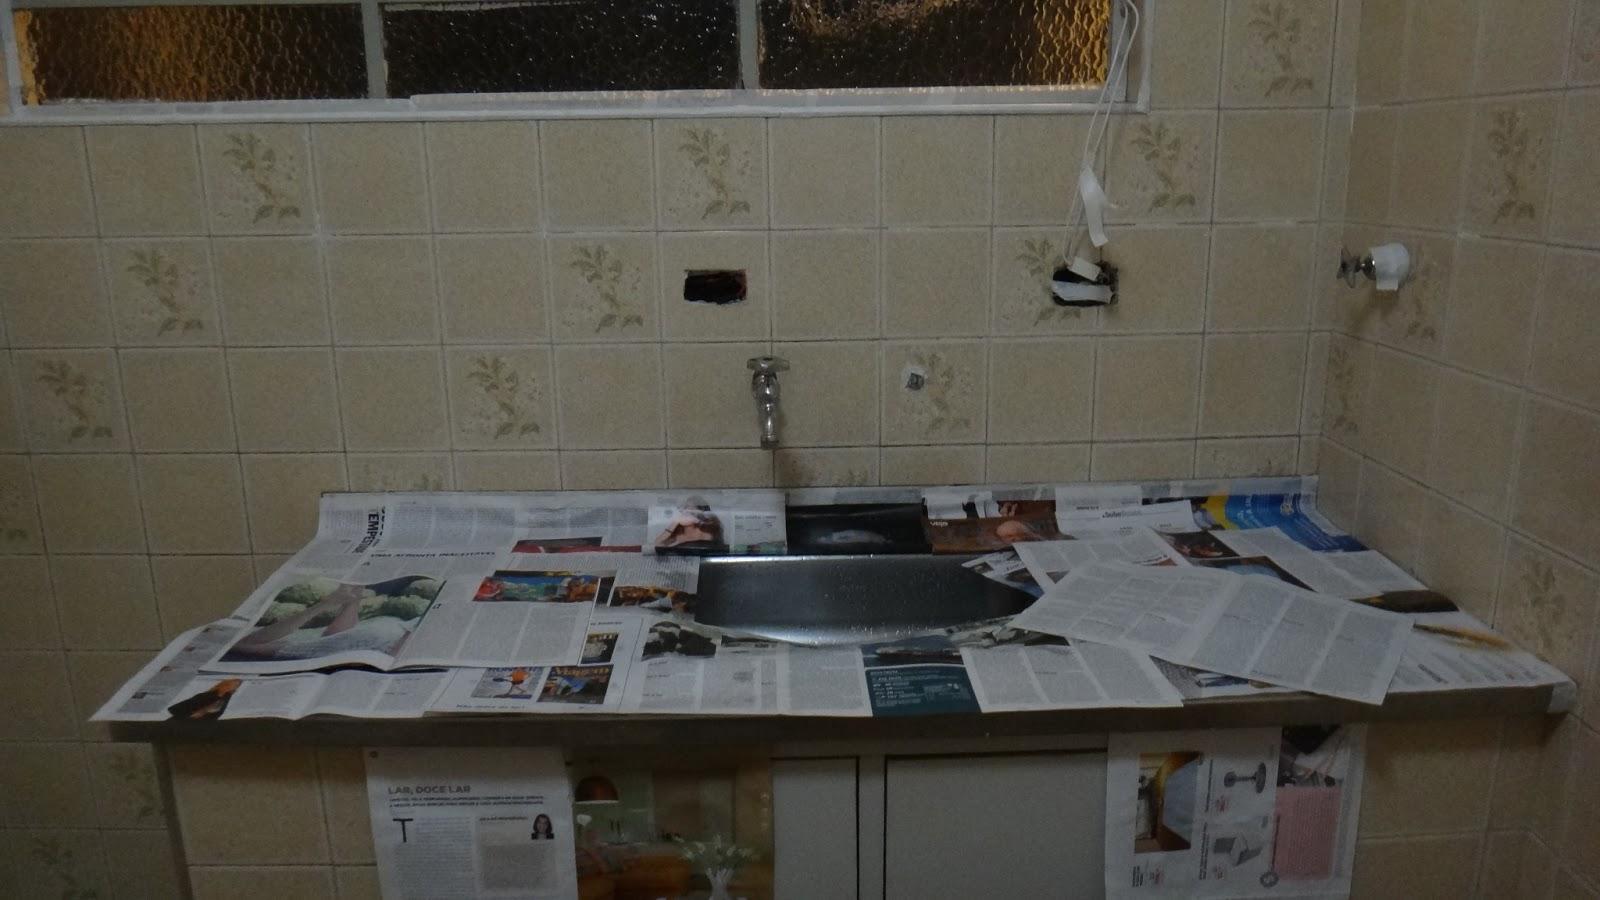 Pra ver a pintura dos azulejos e mais fotos do antes do banheiro  #546677 1600 900